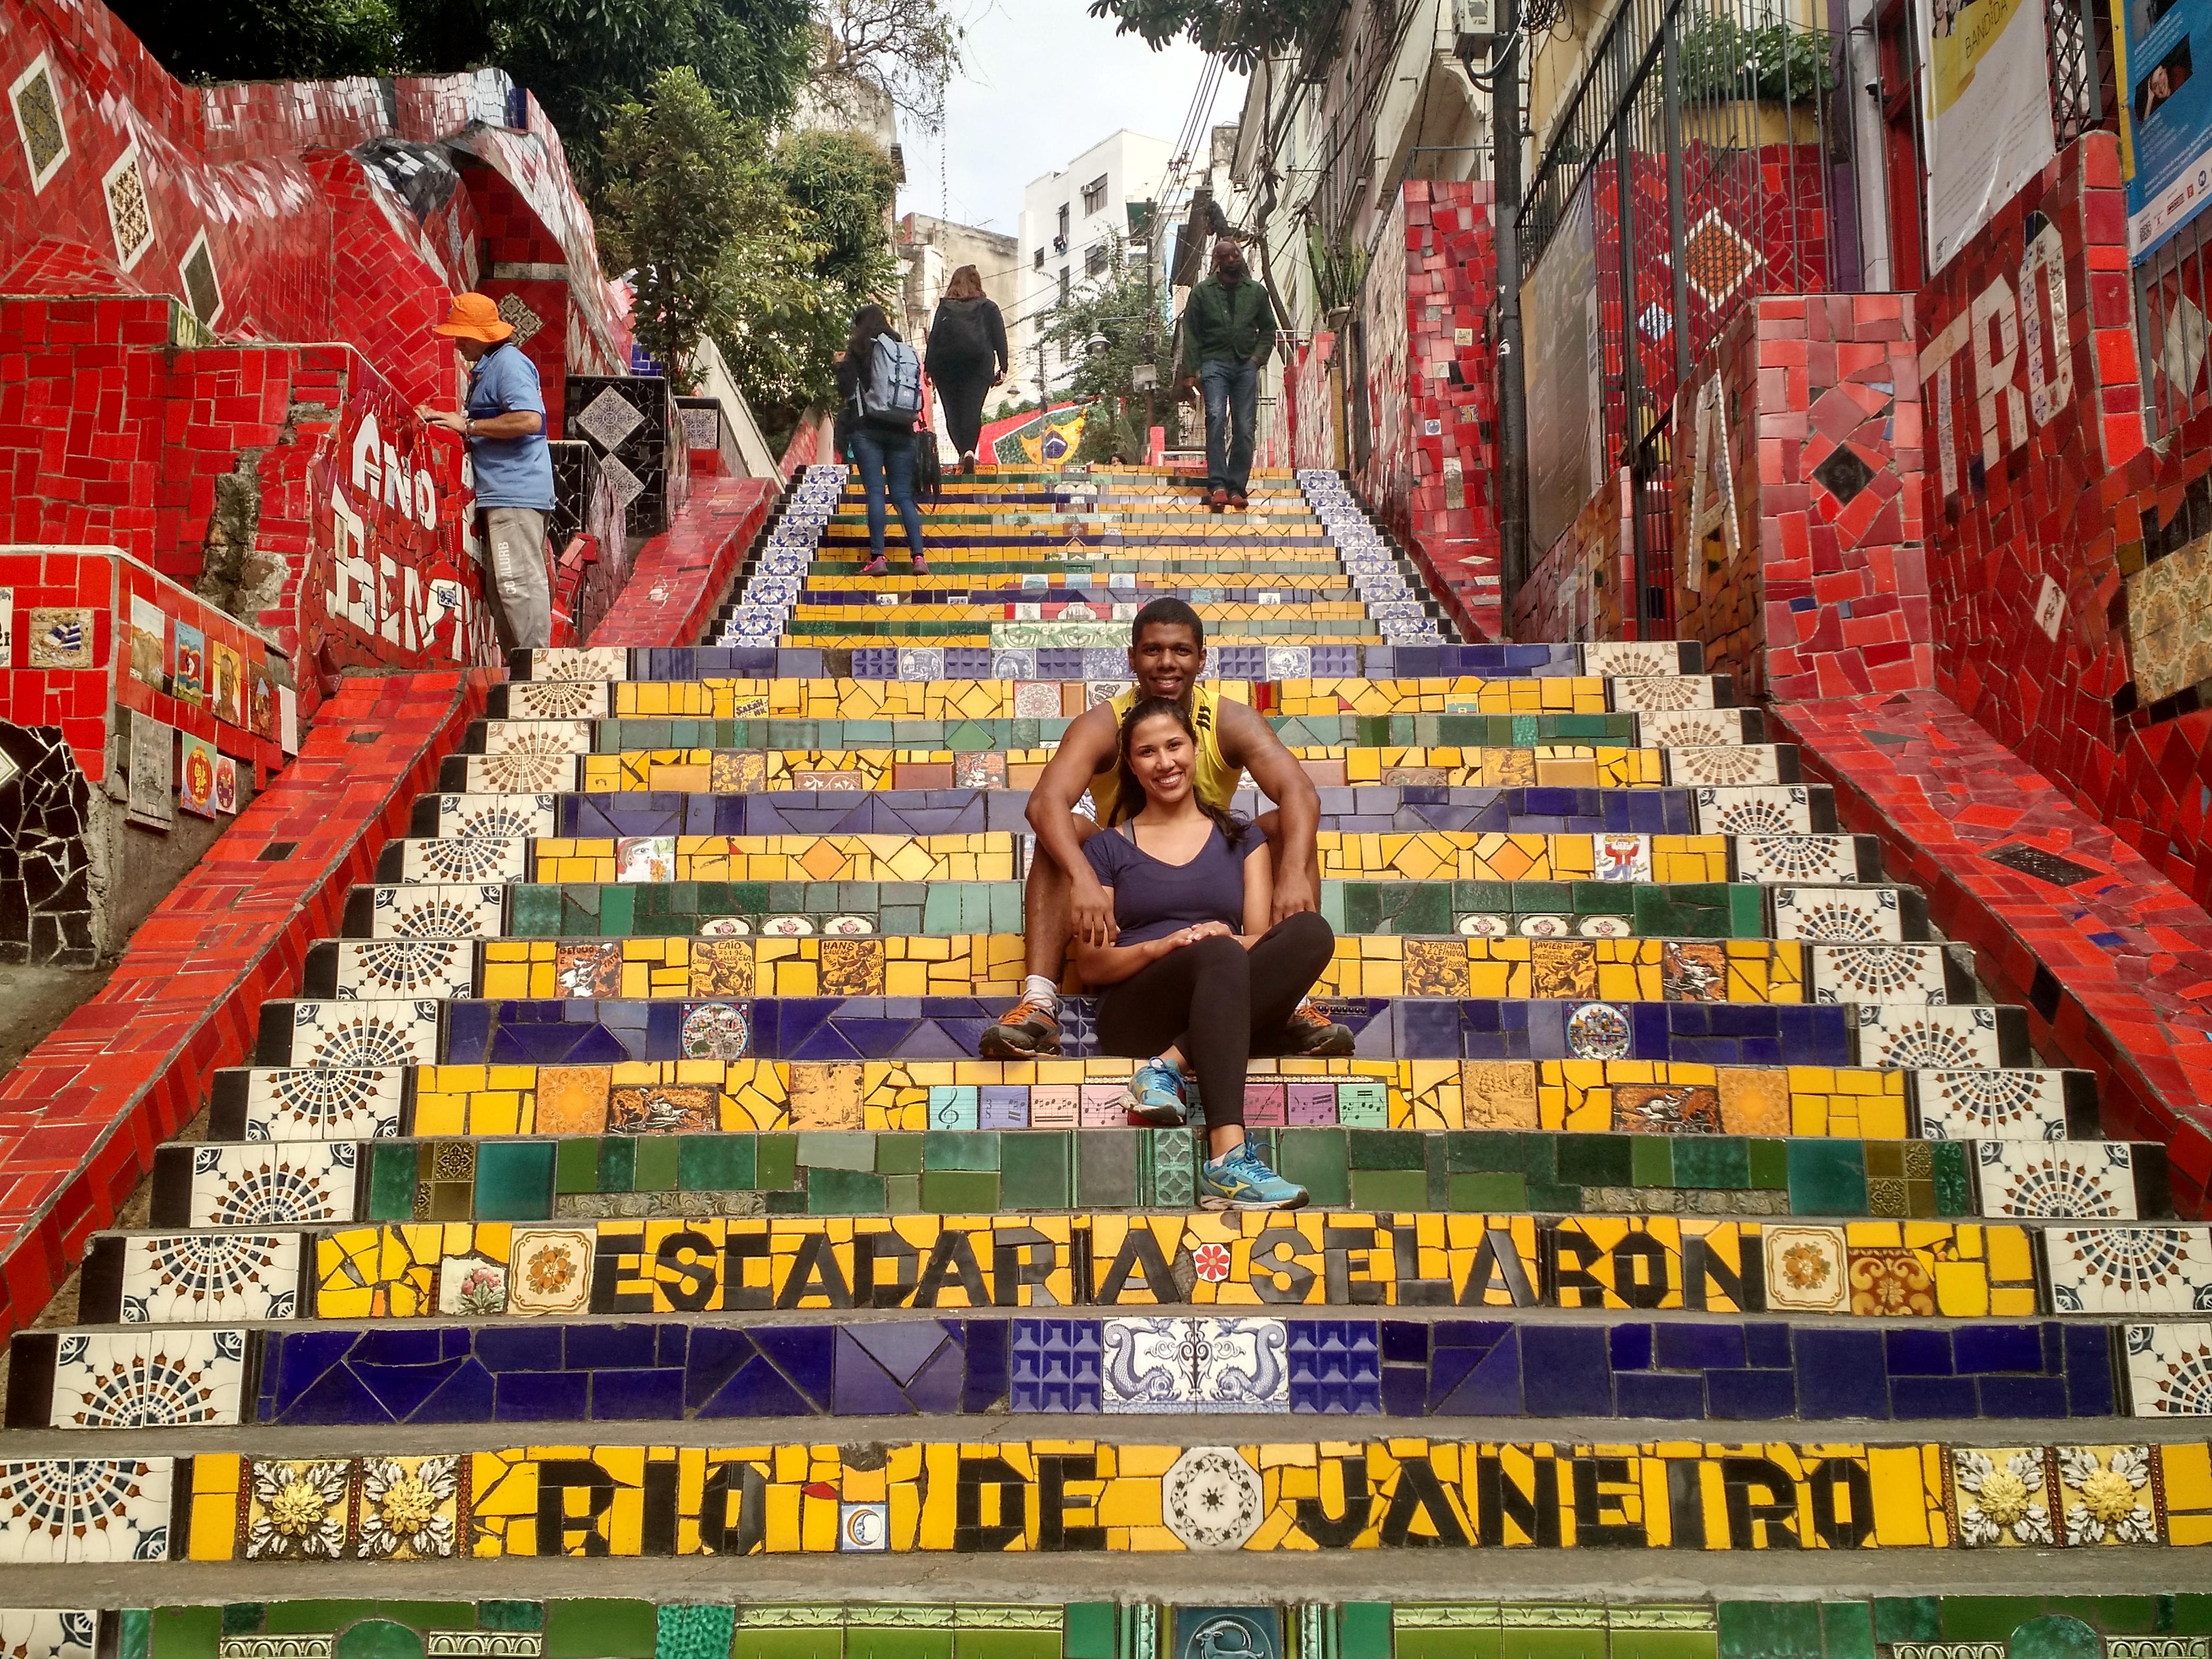 Escadaria Selarón, Rio de Janeiro